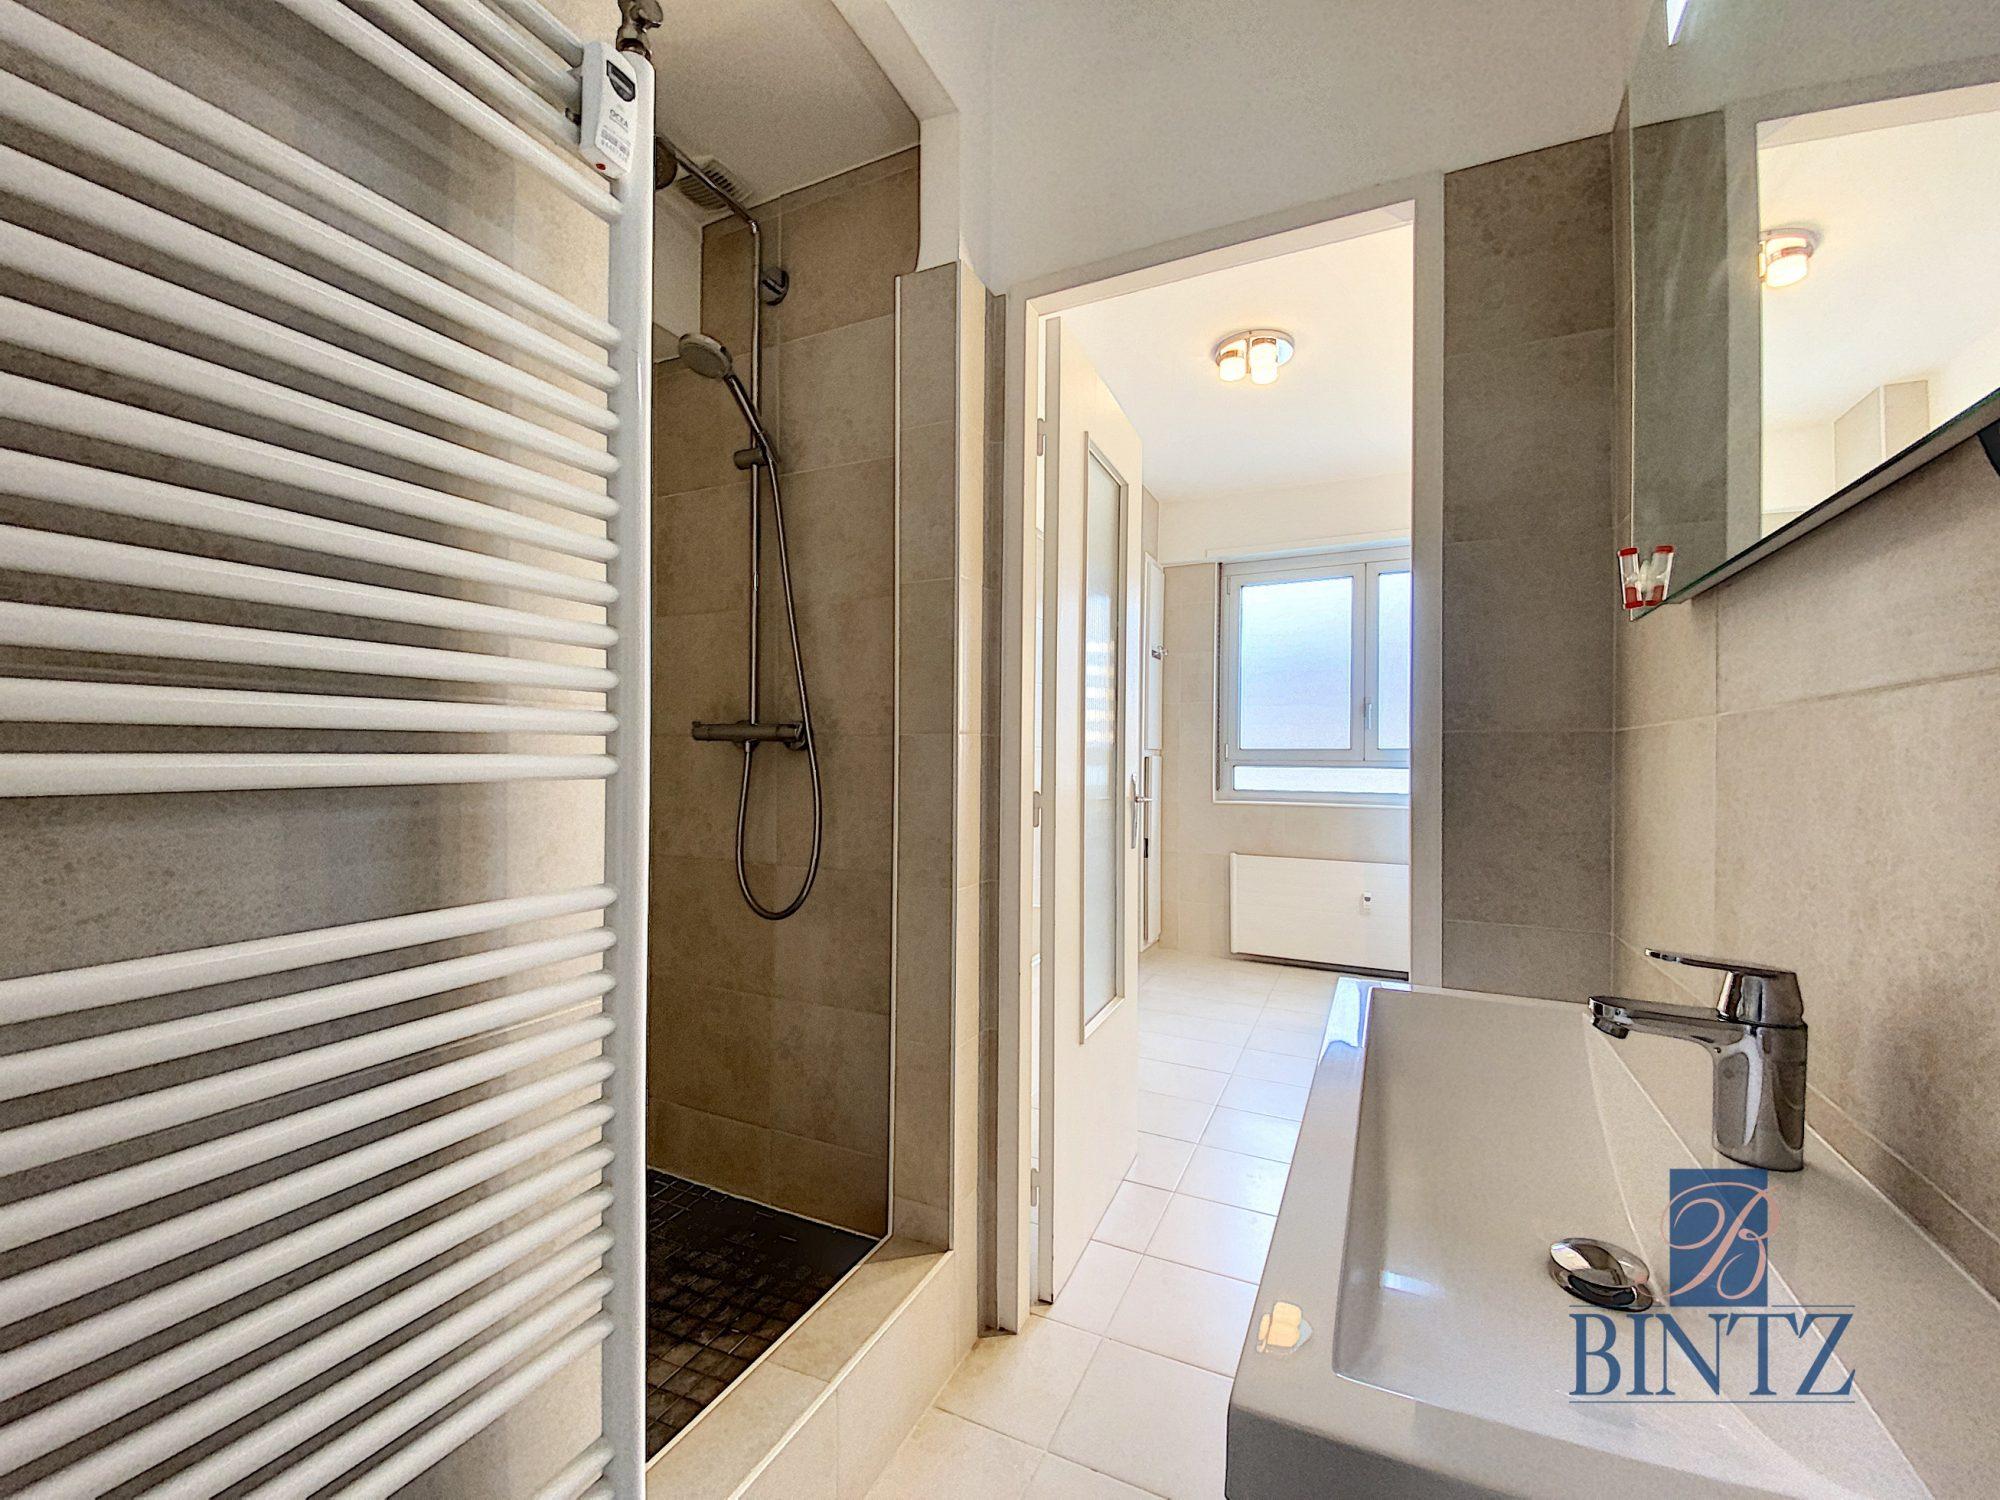 5-6 PIÈCES QUARTIER CONTADES - Devenez locataire en toute sérénité - Bintz Immobilier - 15